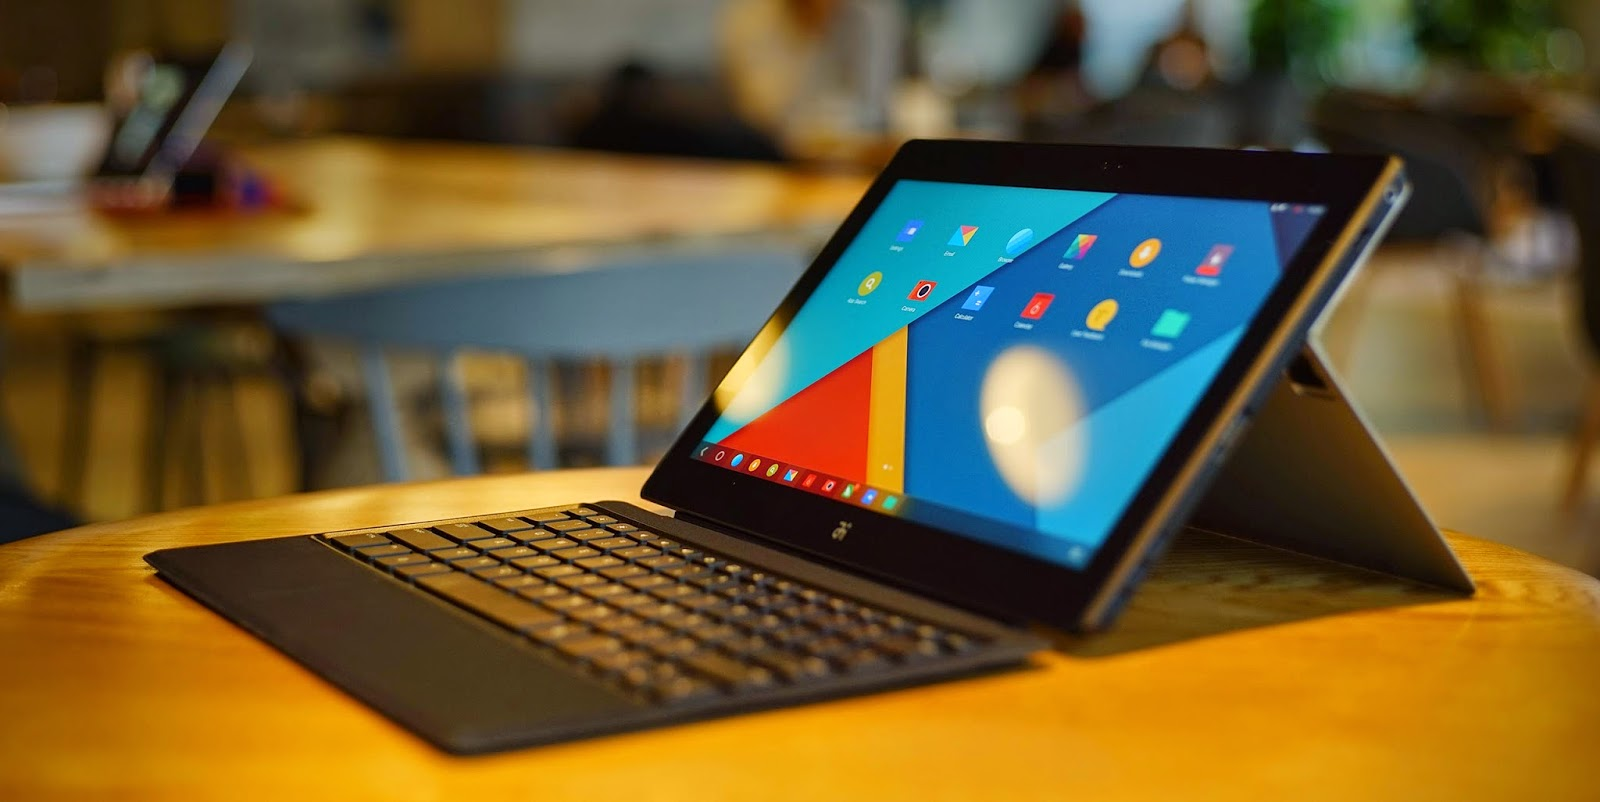 Remix Ultra-Tablet مهندسون سابقون لدى جوجل يصنعون حاسوبا